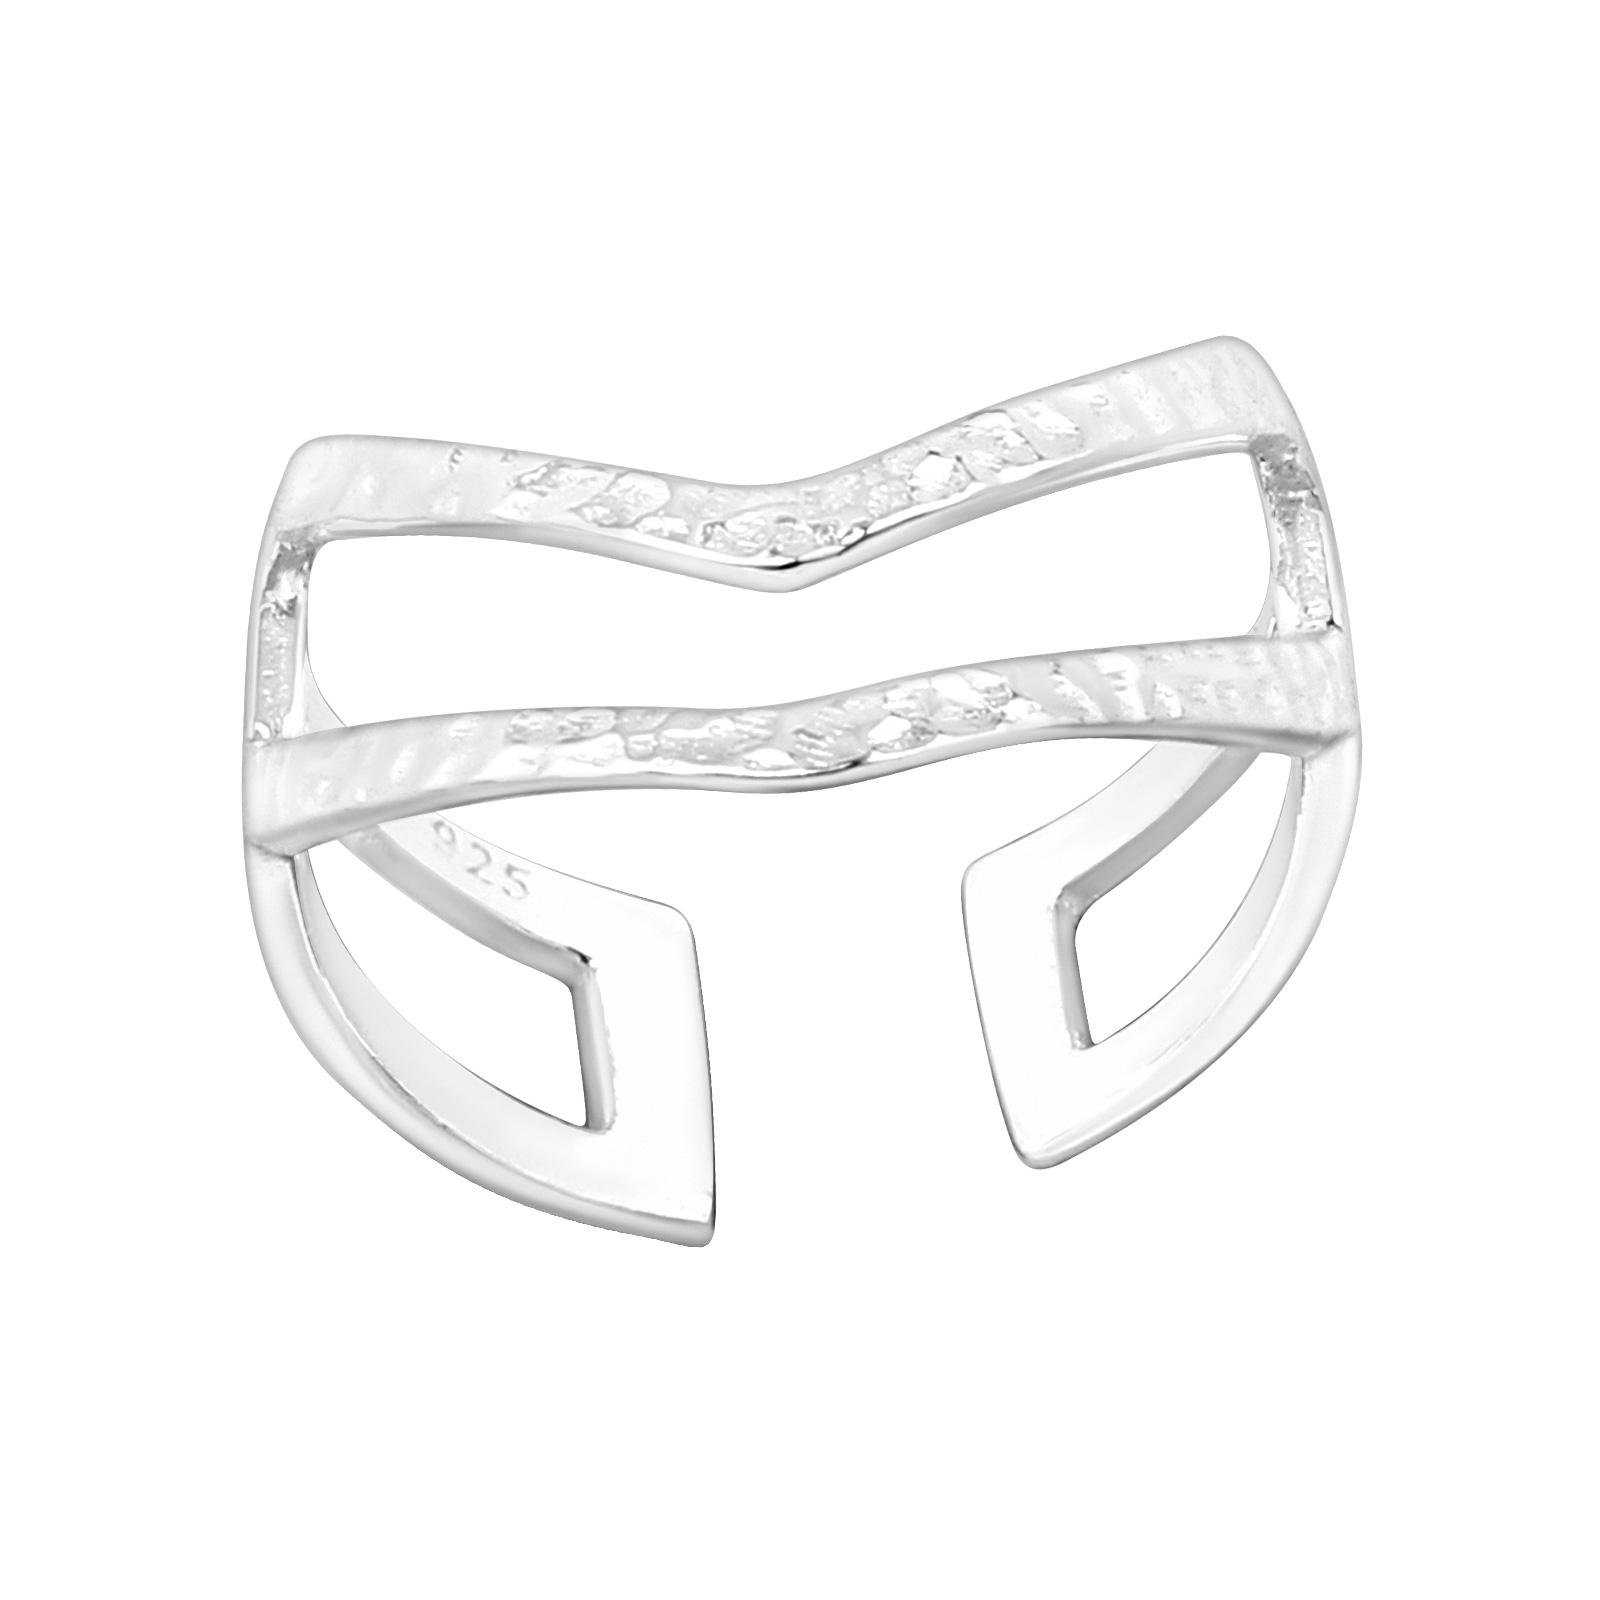 OLIVIE Strieborný prsteň NA NOHU 4015 Ag 925; ≤0,6 g.